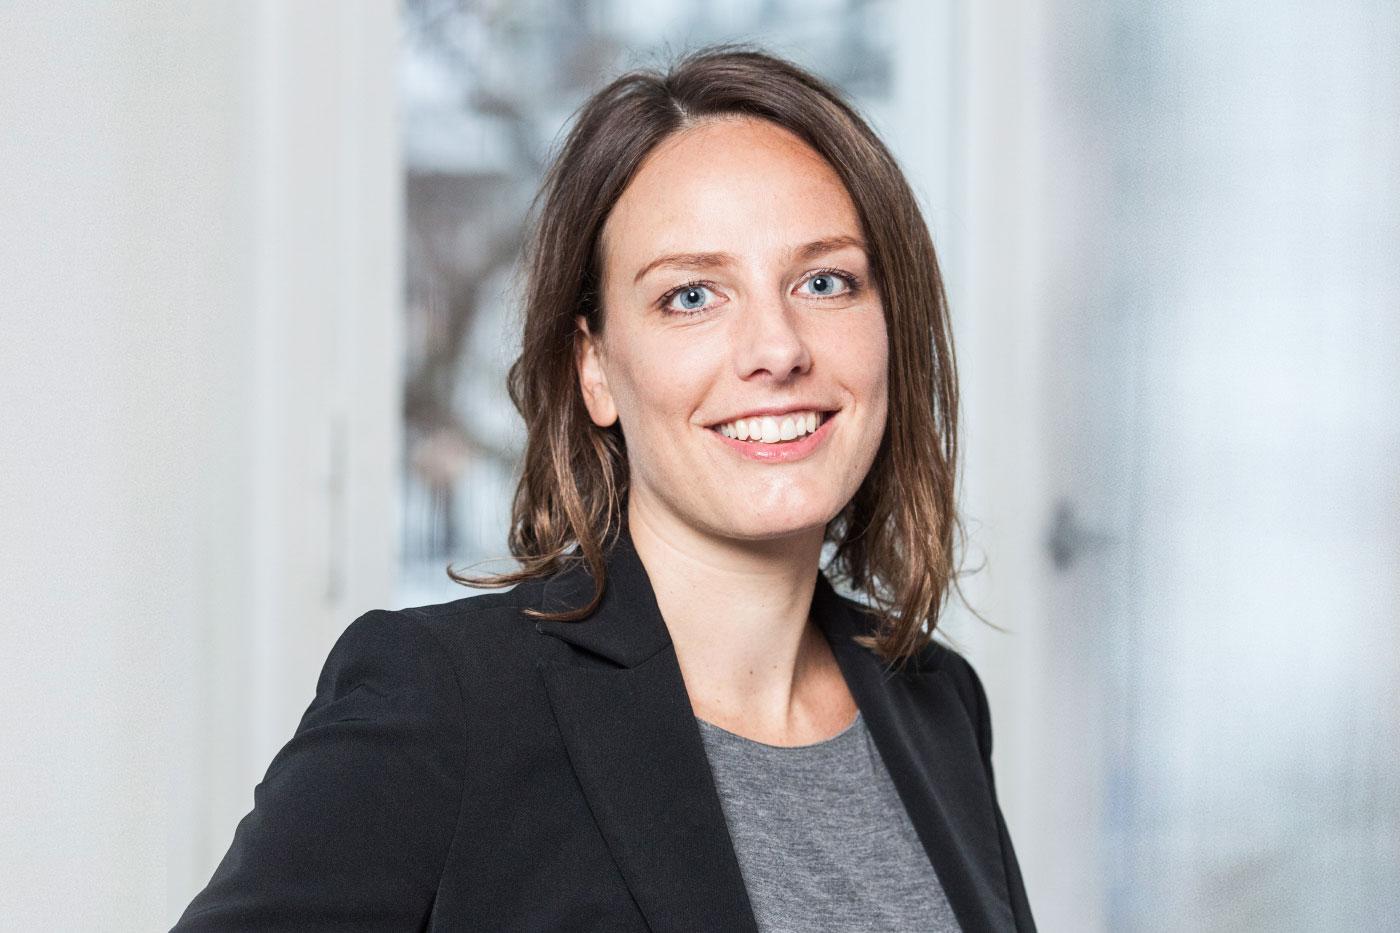 Rechtsanwältin Dr. Katharina Wandscher, Berlin